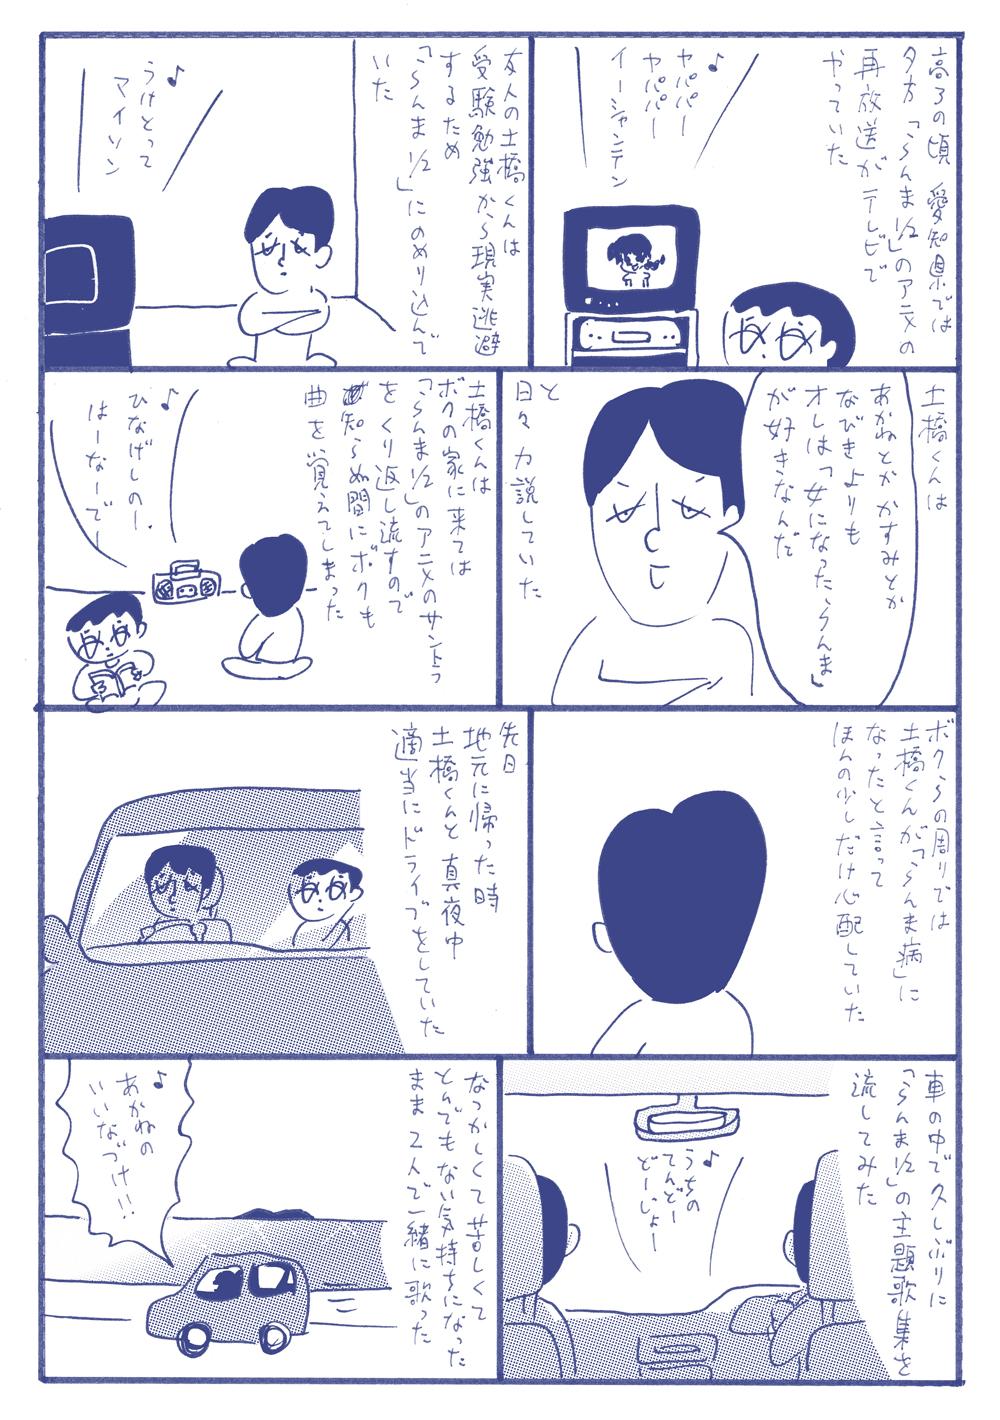 oohashi-hiroyuki-031